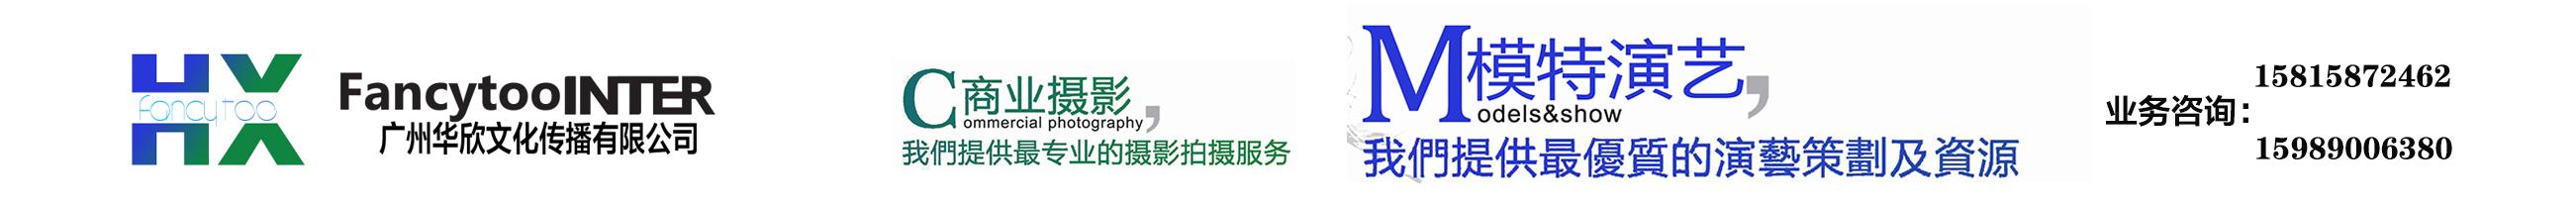 广州华欣文化传播有限公司